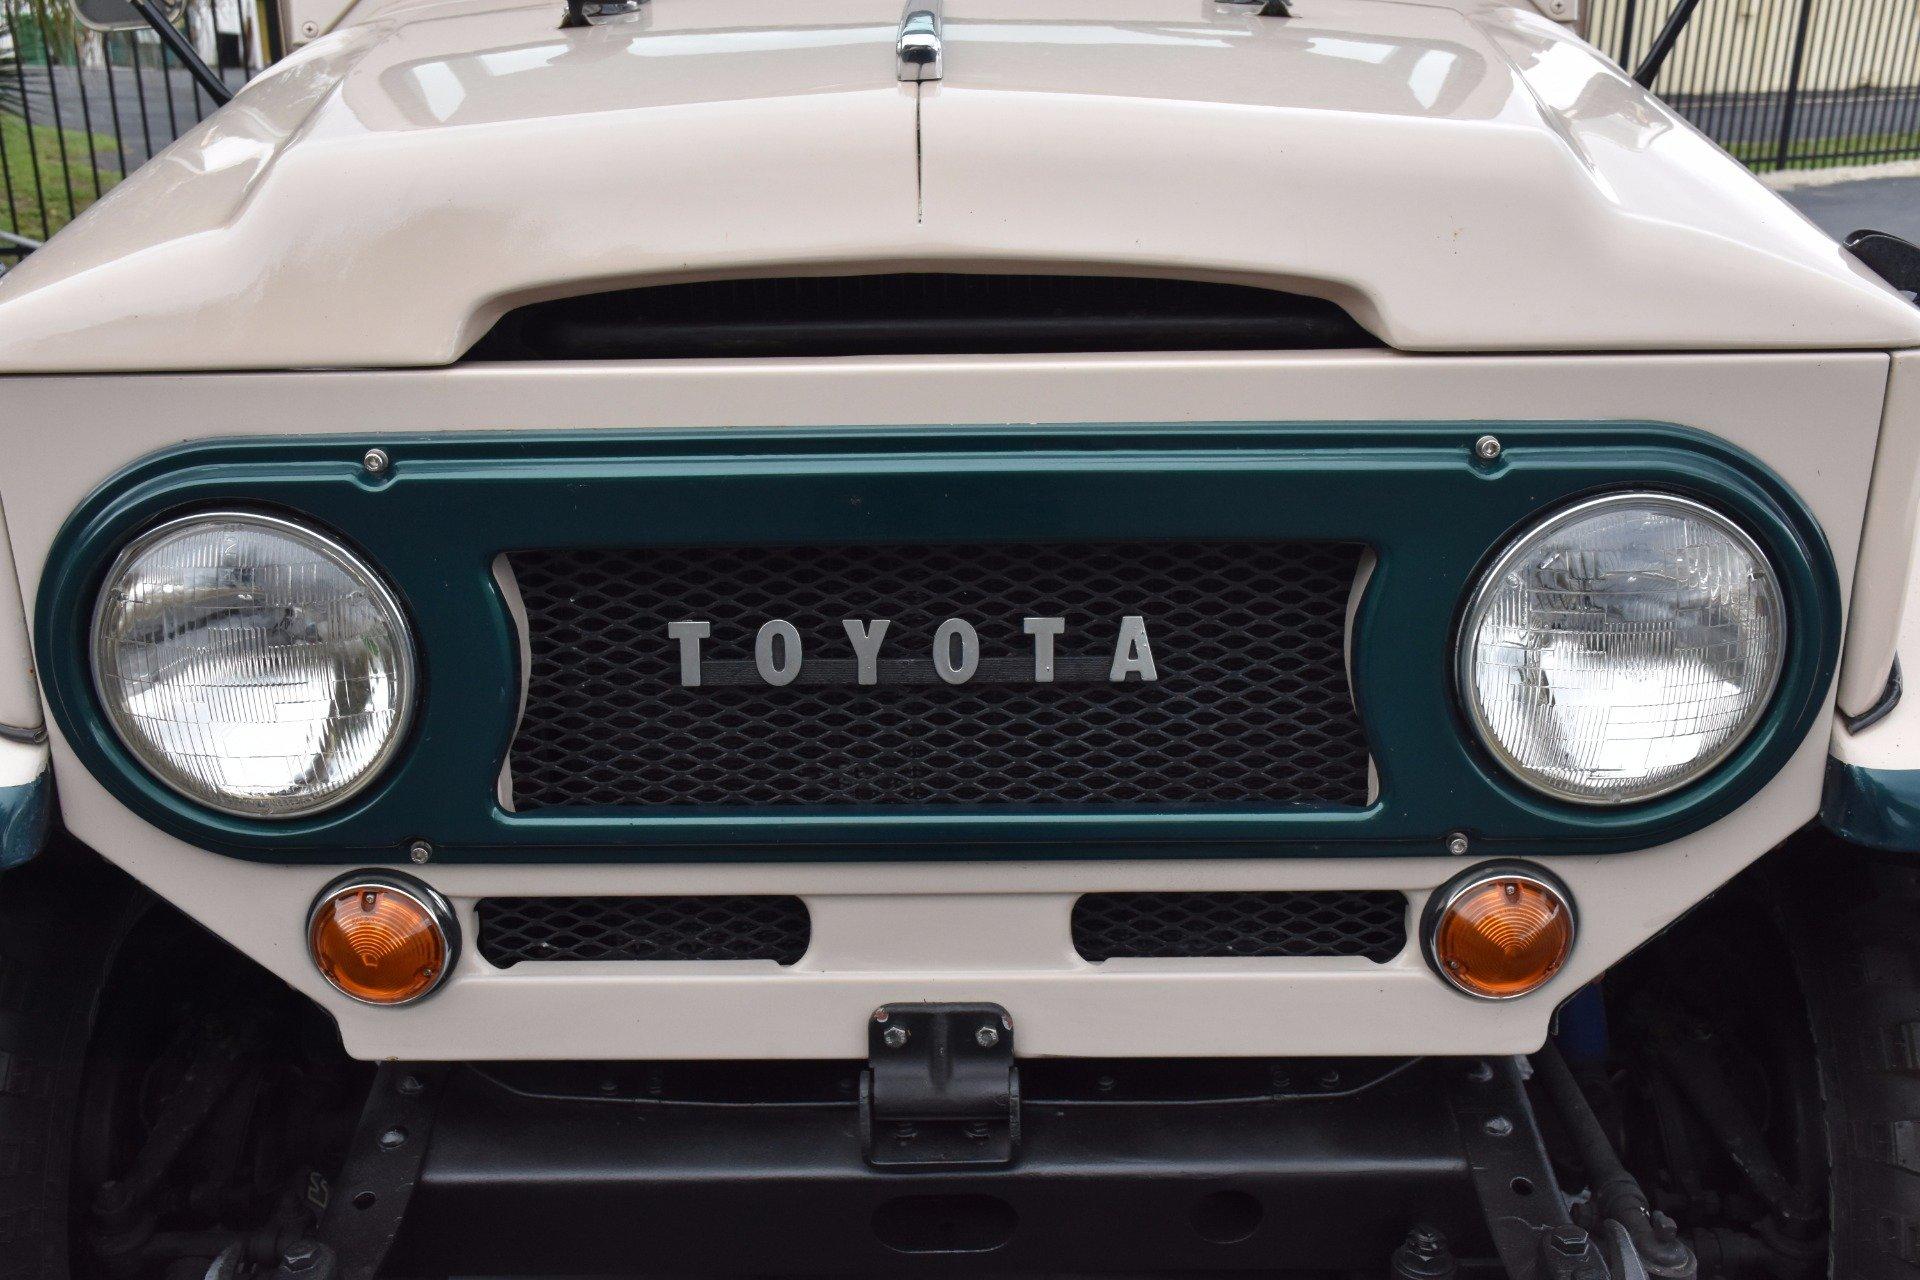 1967 Toyota FJ45 | Ideal Classic Cars LLC